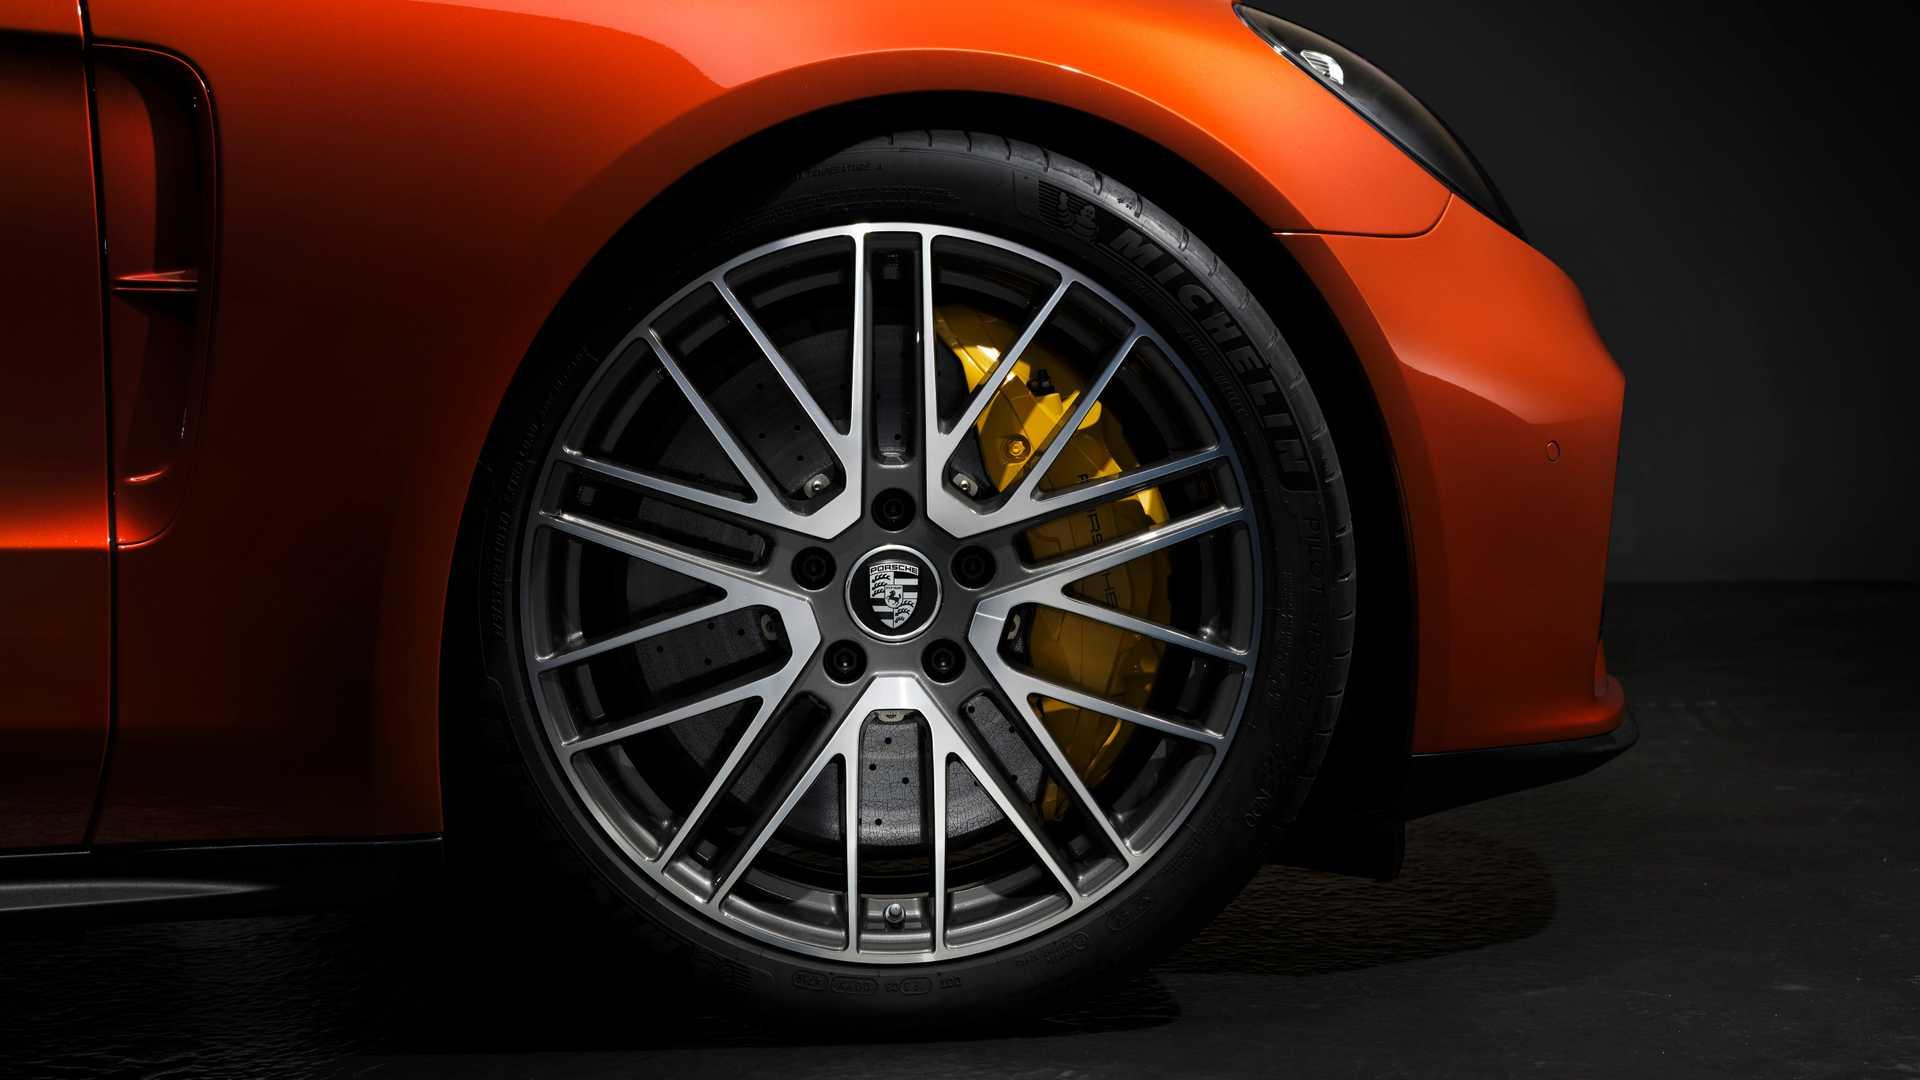 porsche-panamera-turbo-s-2021-vorderrad-mit-bremssattel-detail